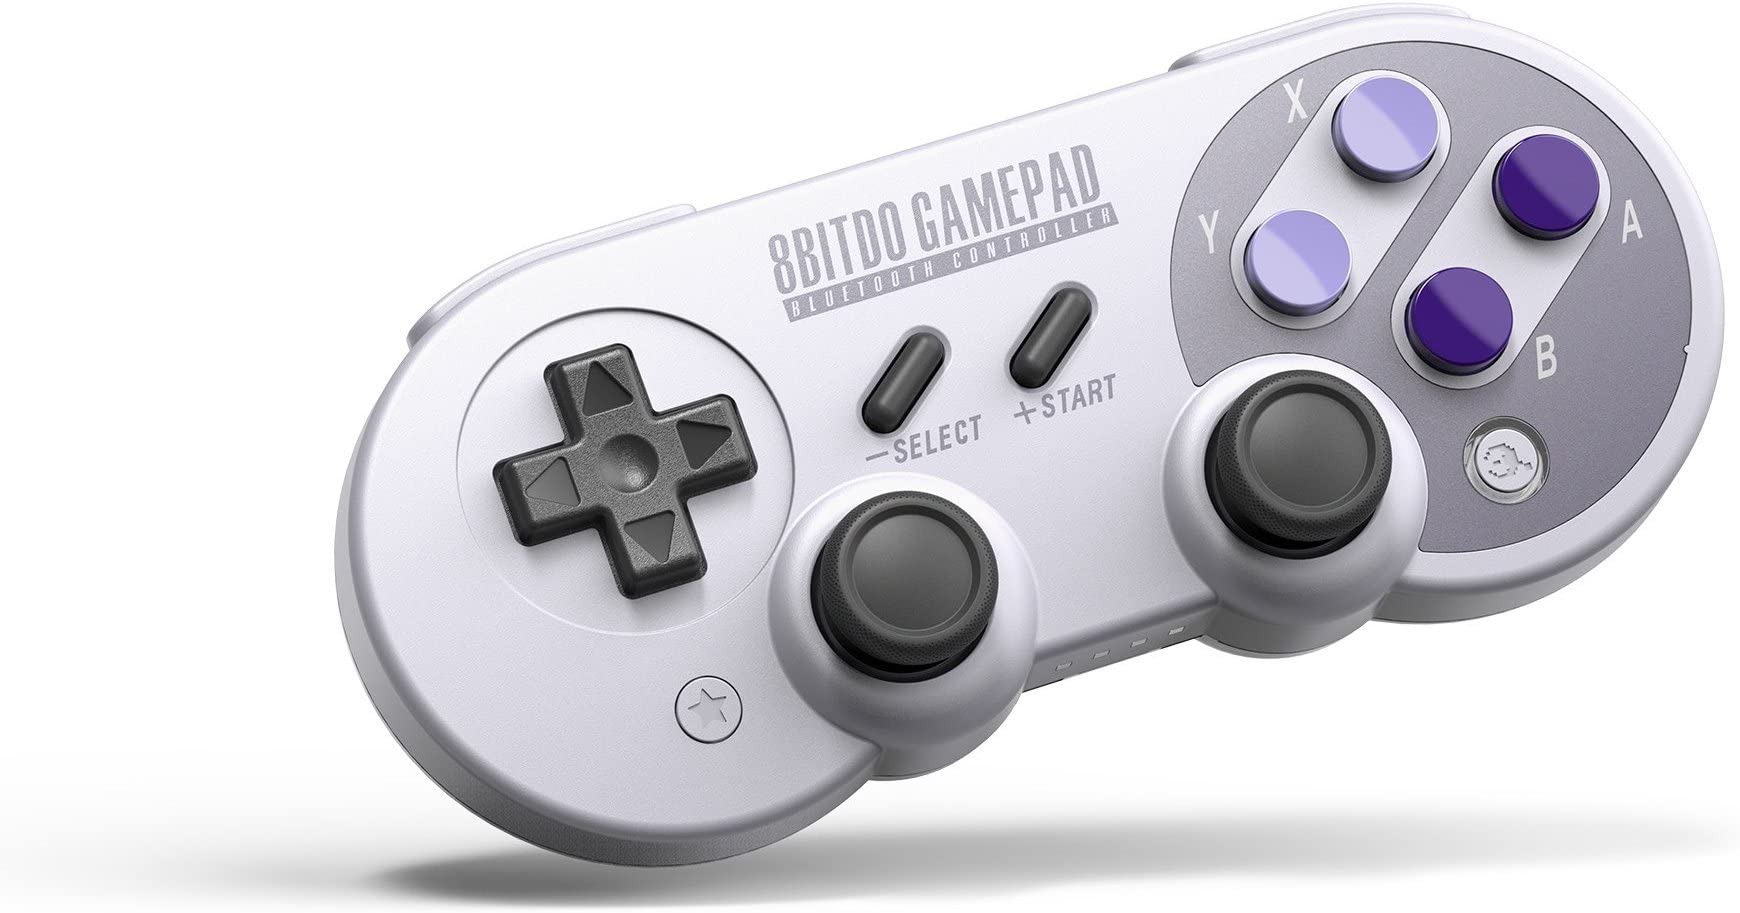 SN30 Pro Controller